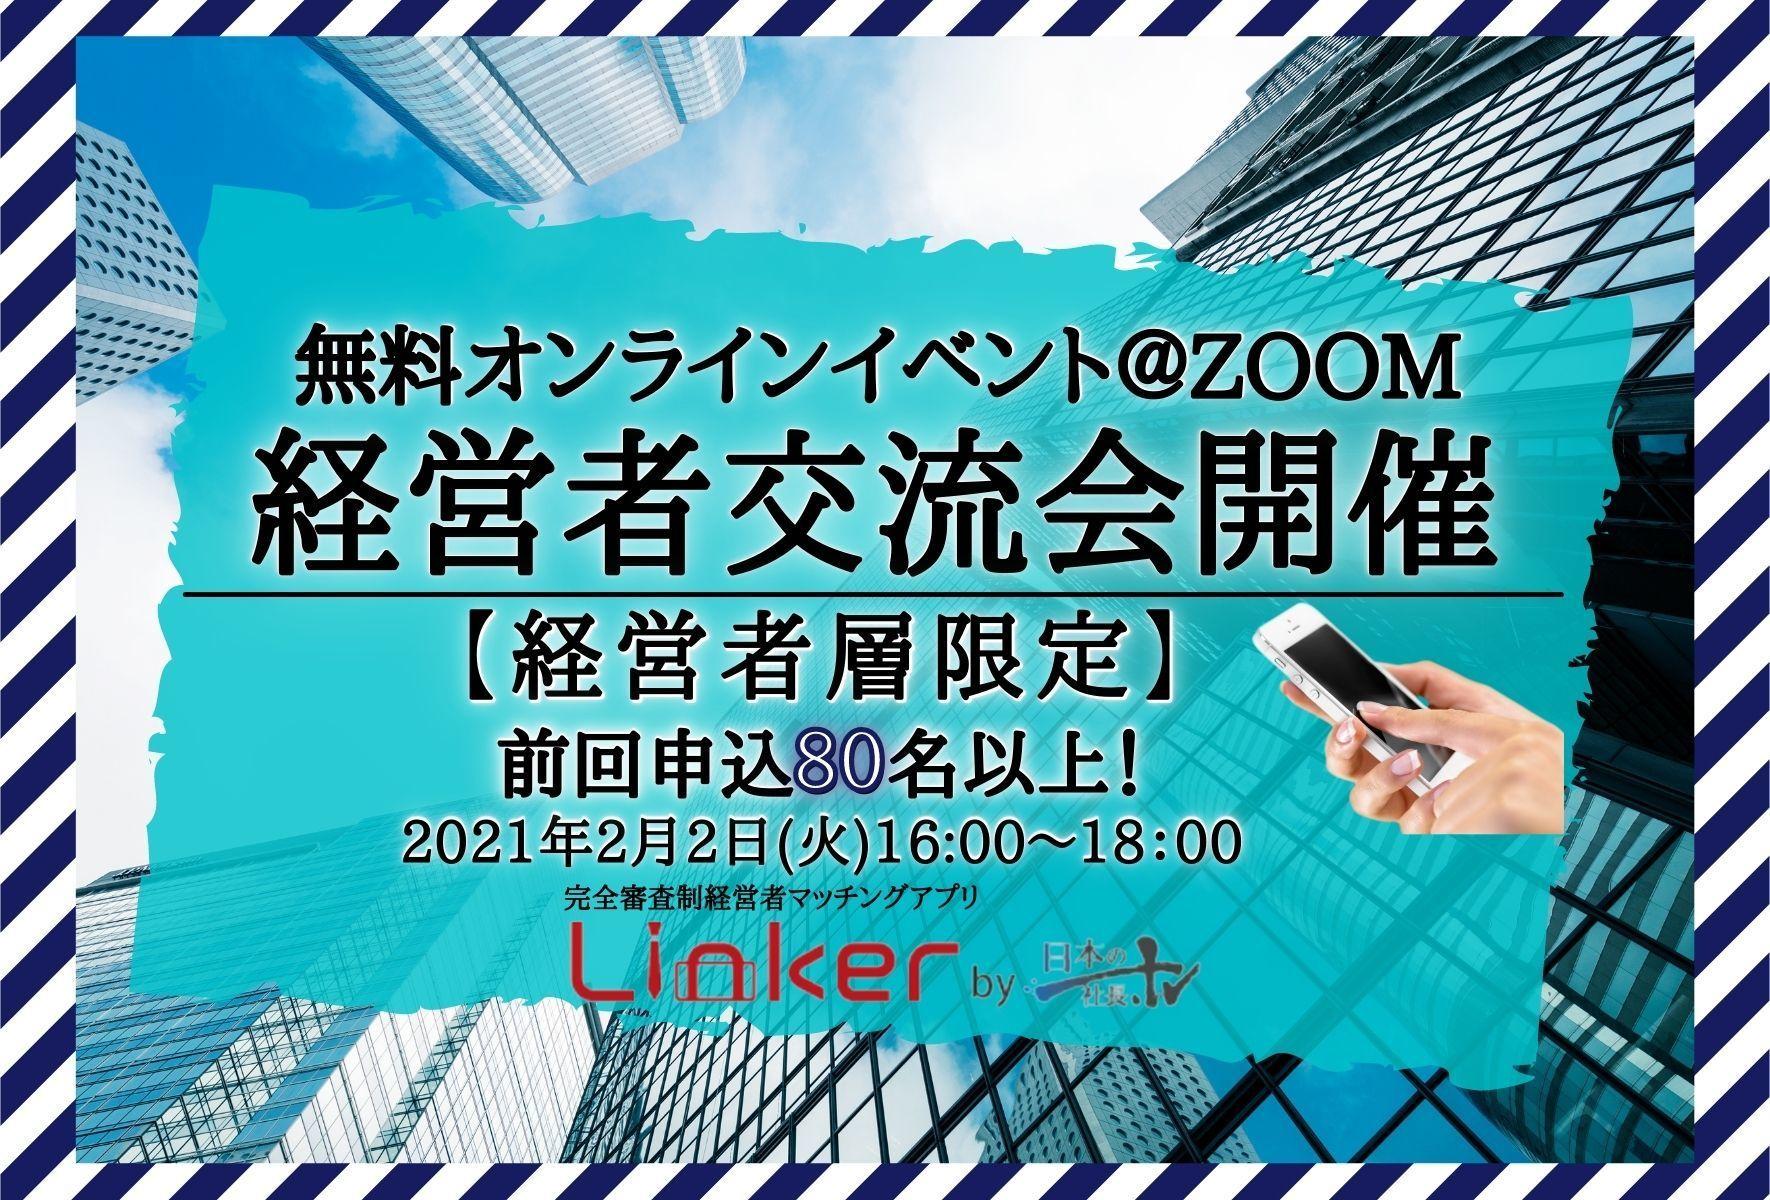 2月2日(火)16:00~18:00 オンライン無料経営者交流会を開催します